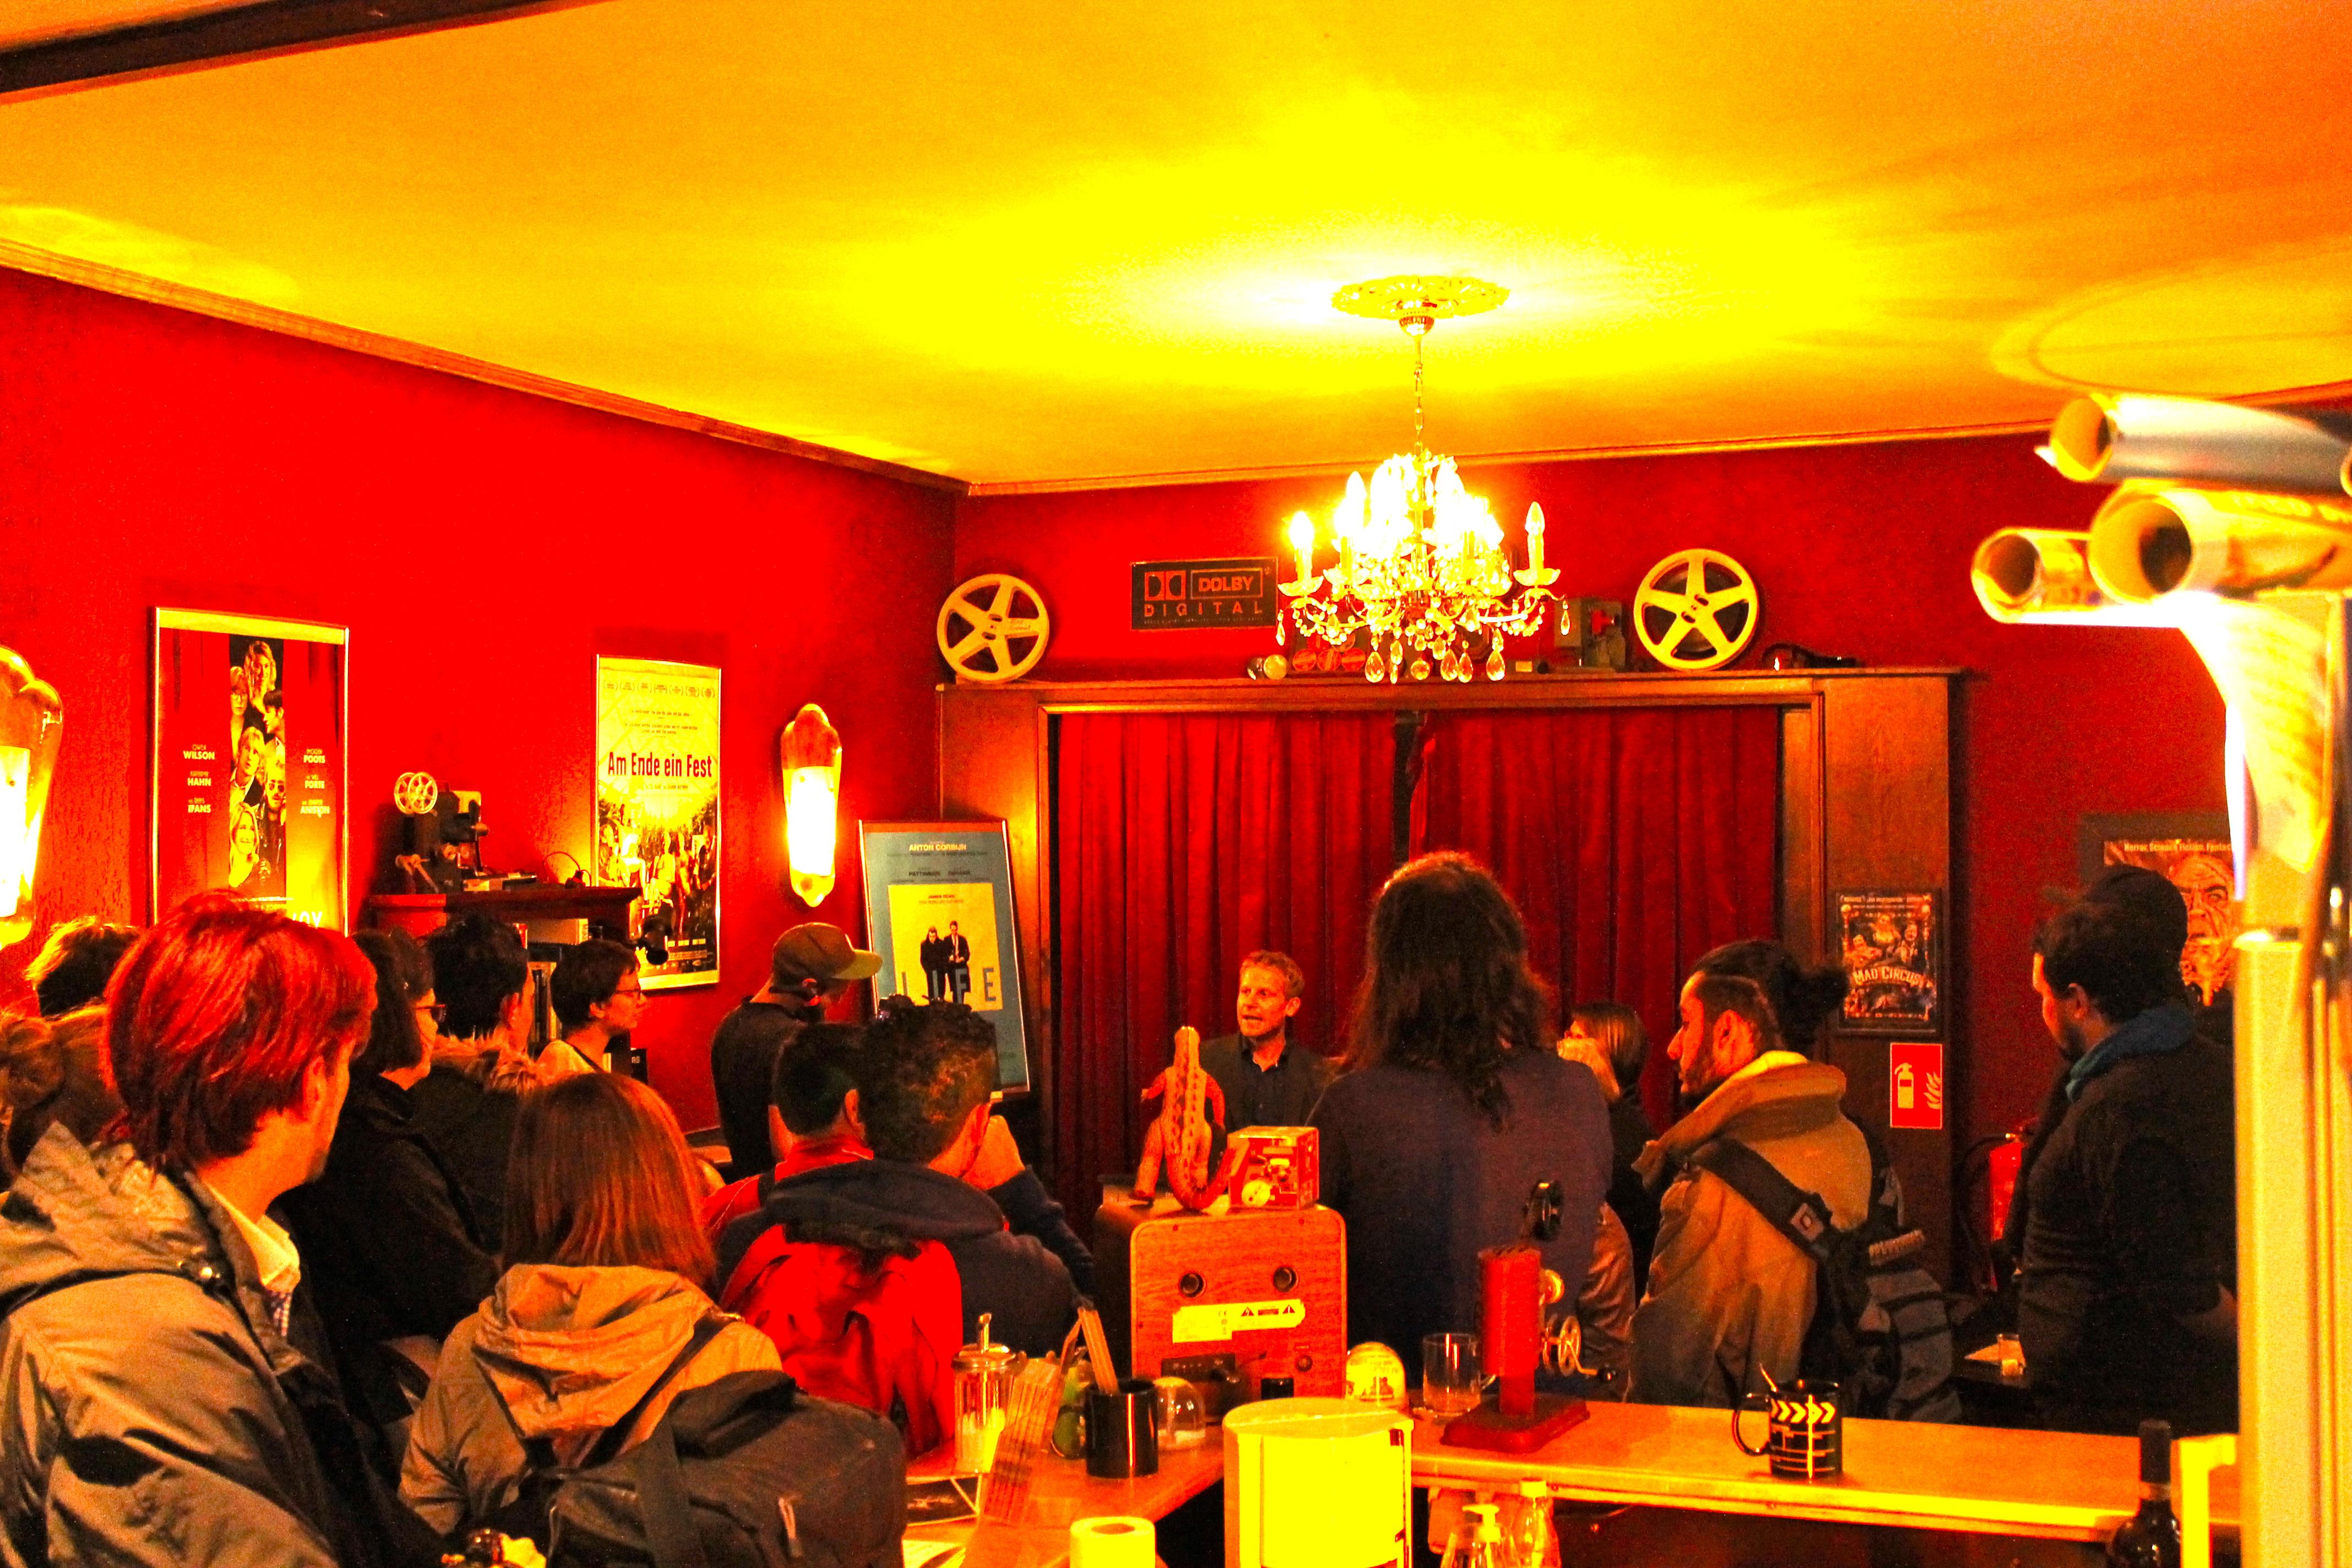 Timo Köster bei der Eröffnung des HUNA/K 2015 im Roxy Kino Dortmund